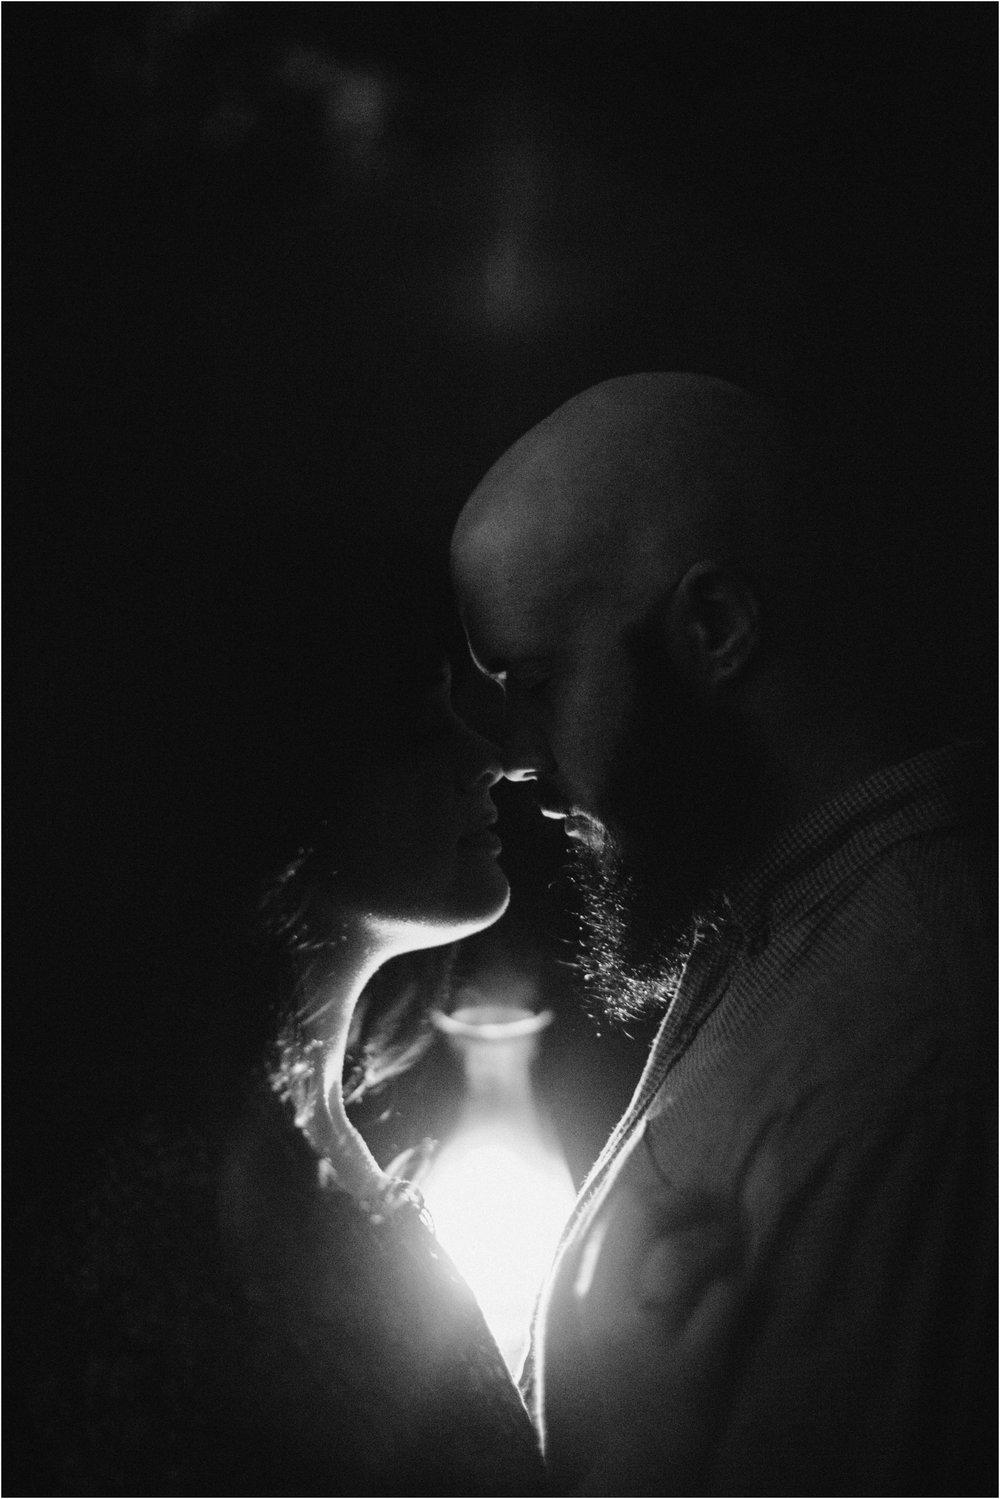 Morgan-Phillip-Avonne-Photography125.jpg